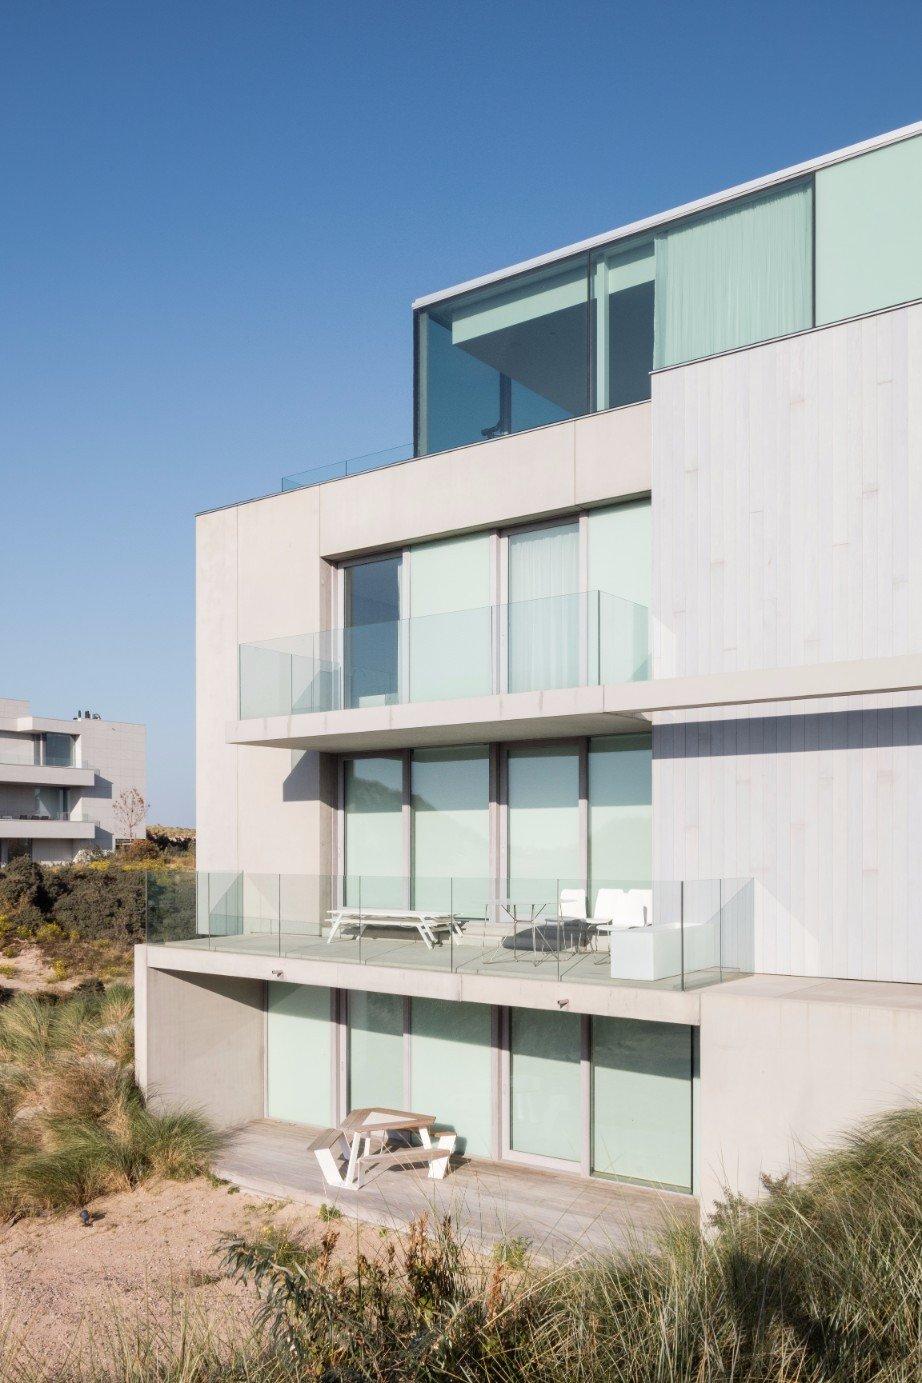 Rietveldprojects-saarinen-appartement-design-architectuur-kust-tvdv9.jpg